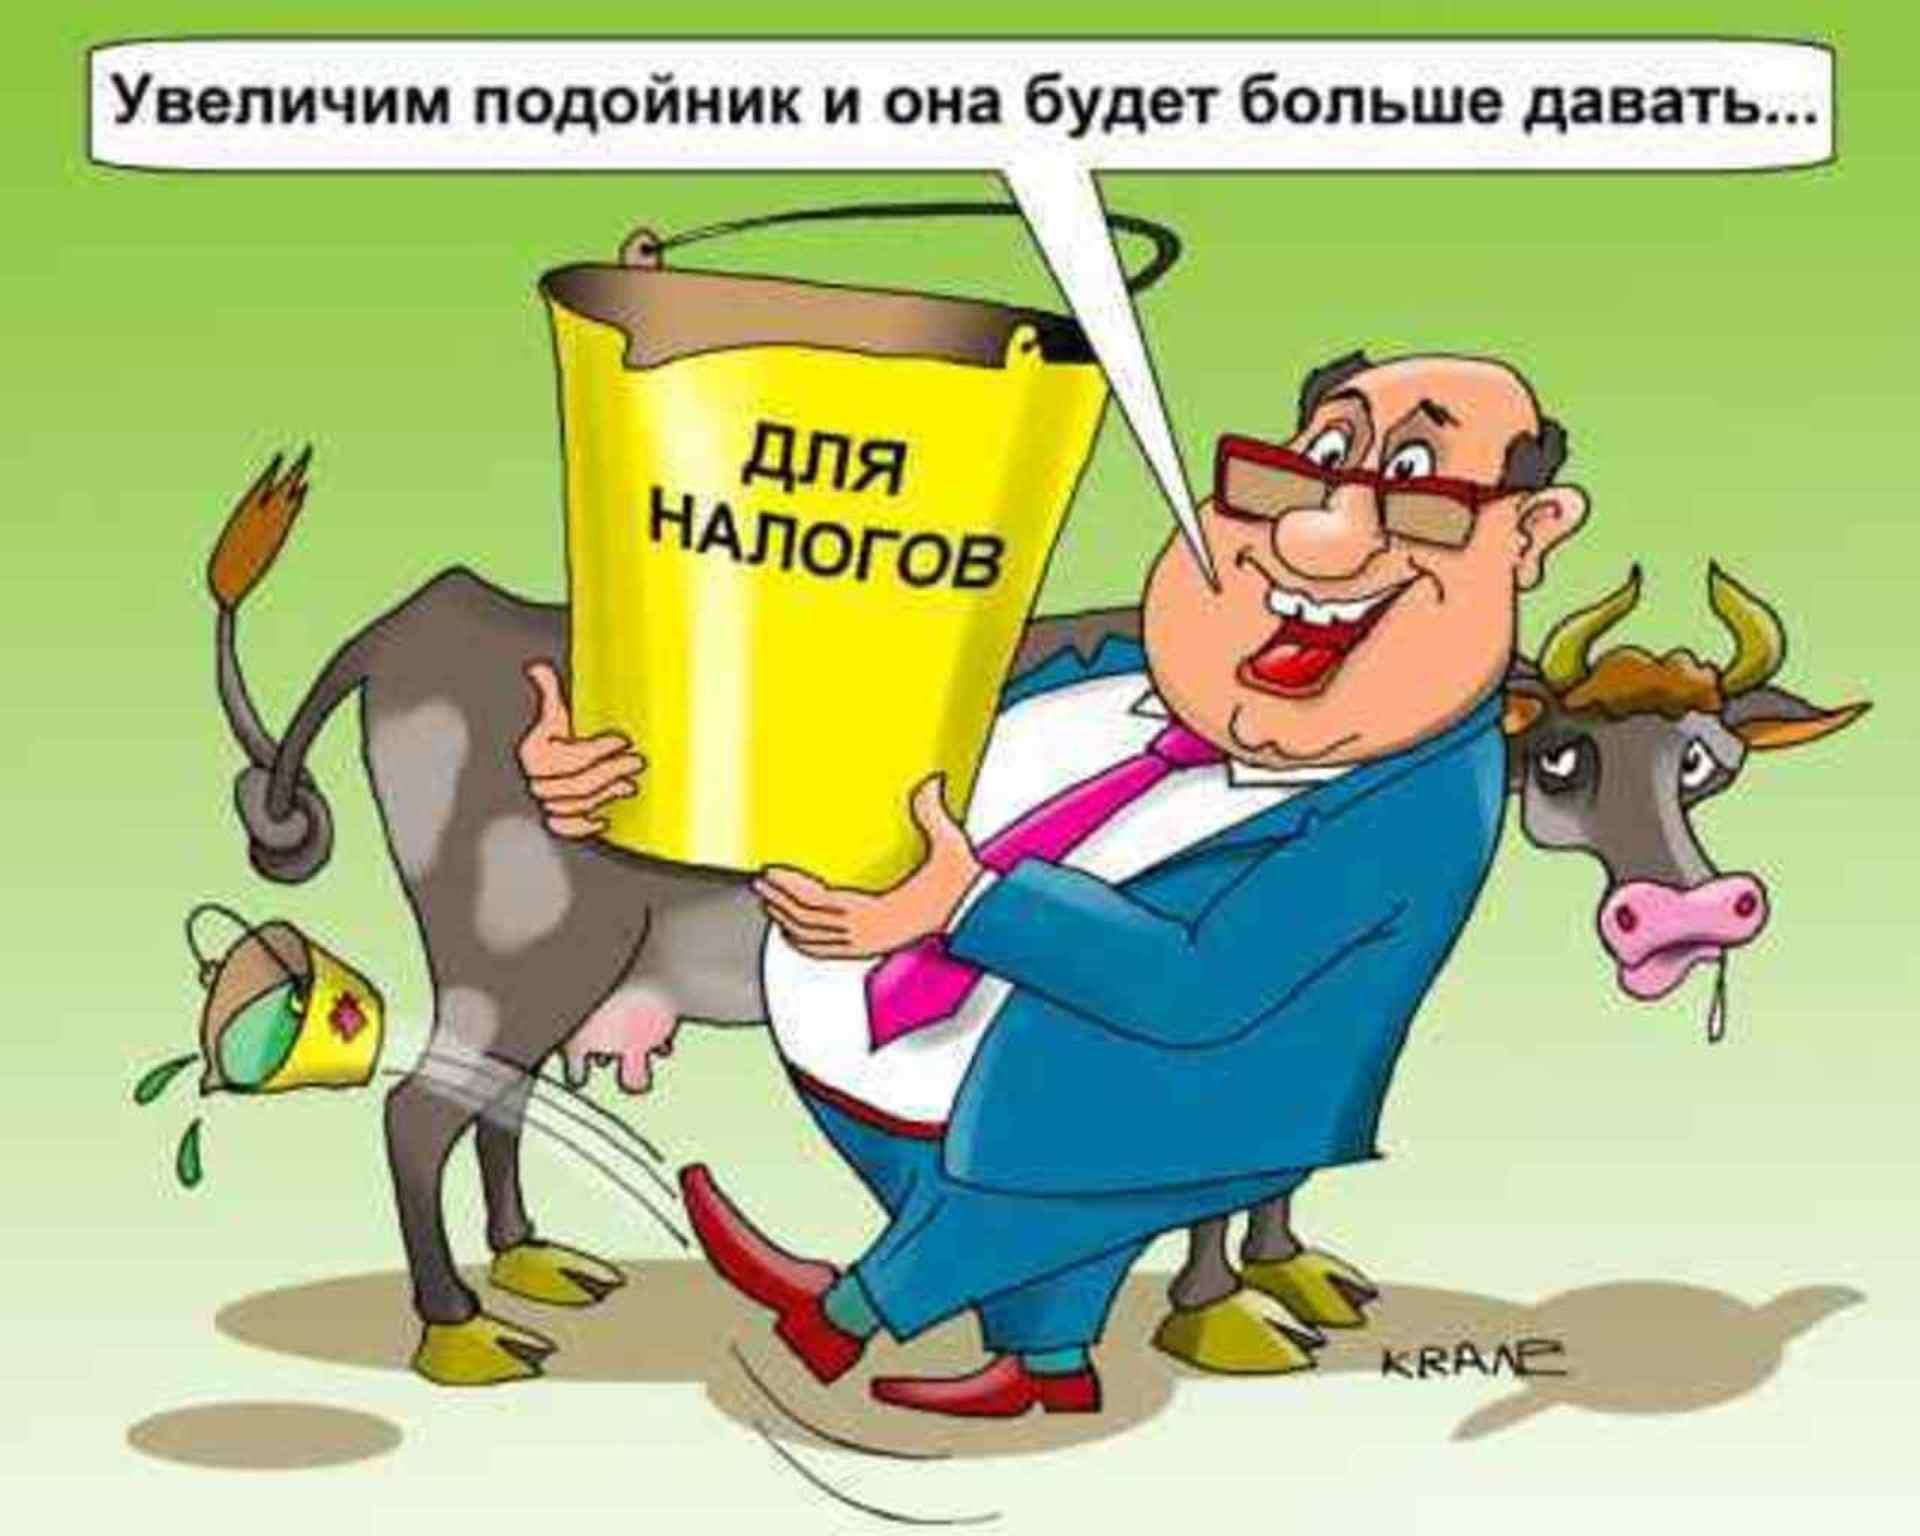 Картинки о налогах с юмором